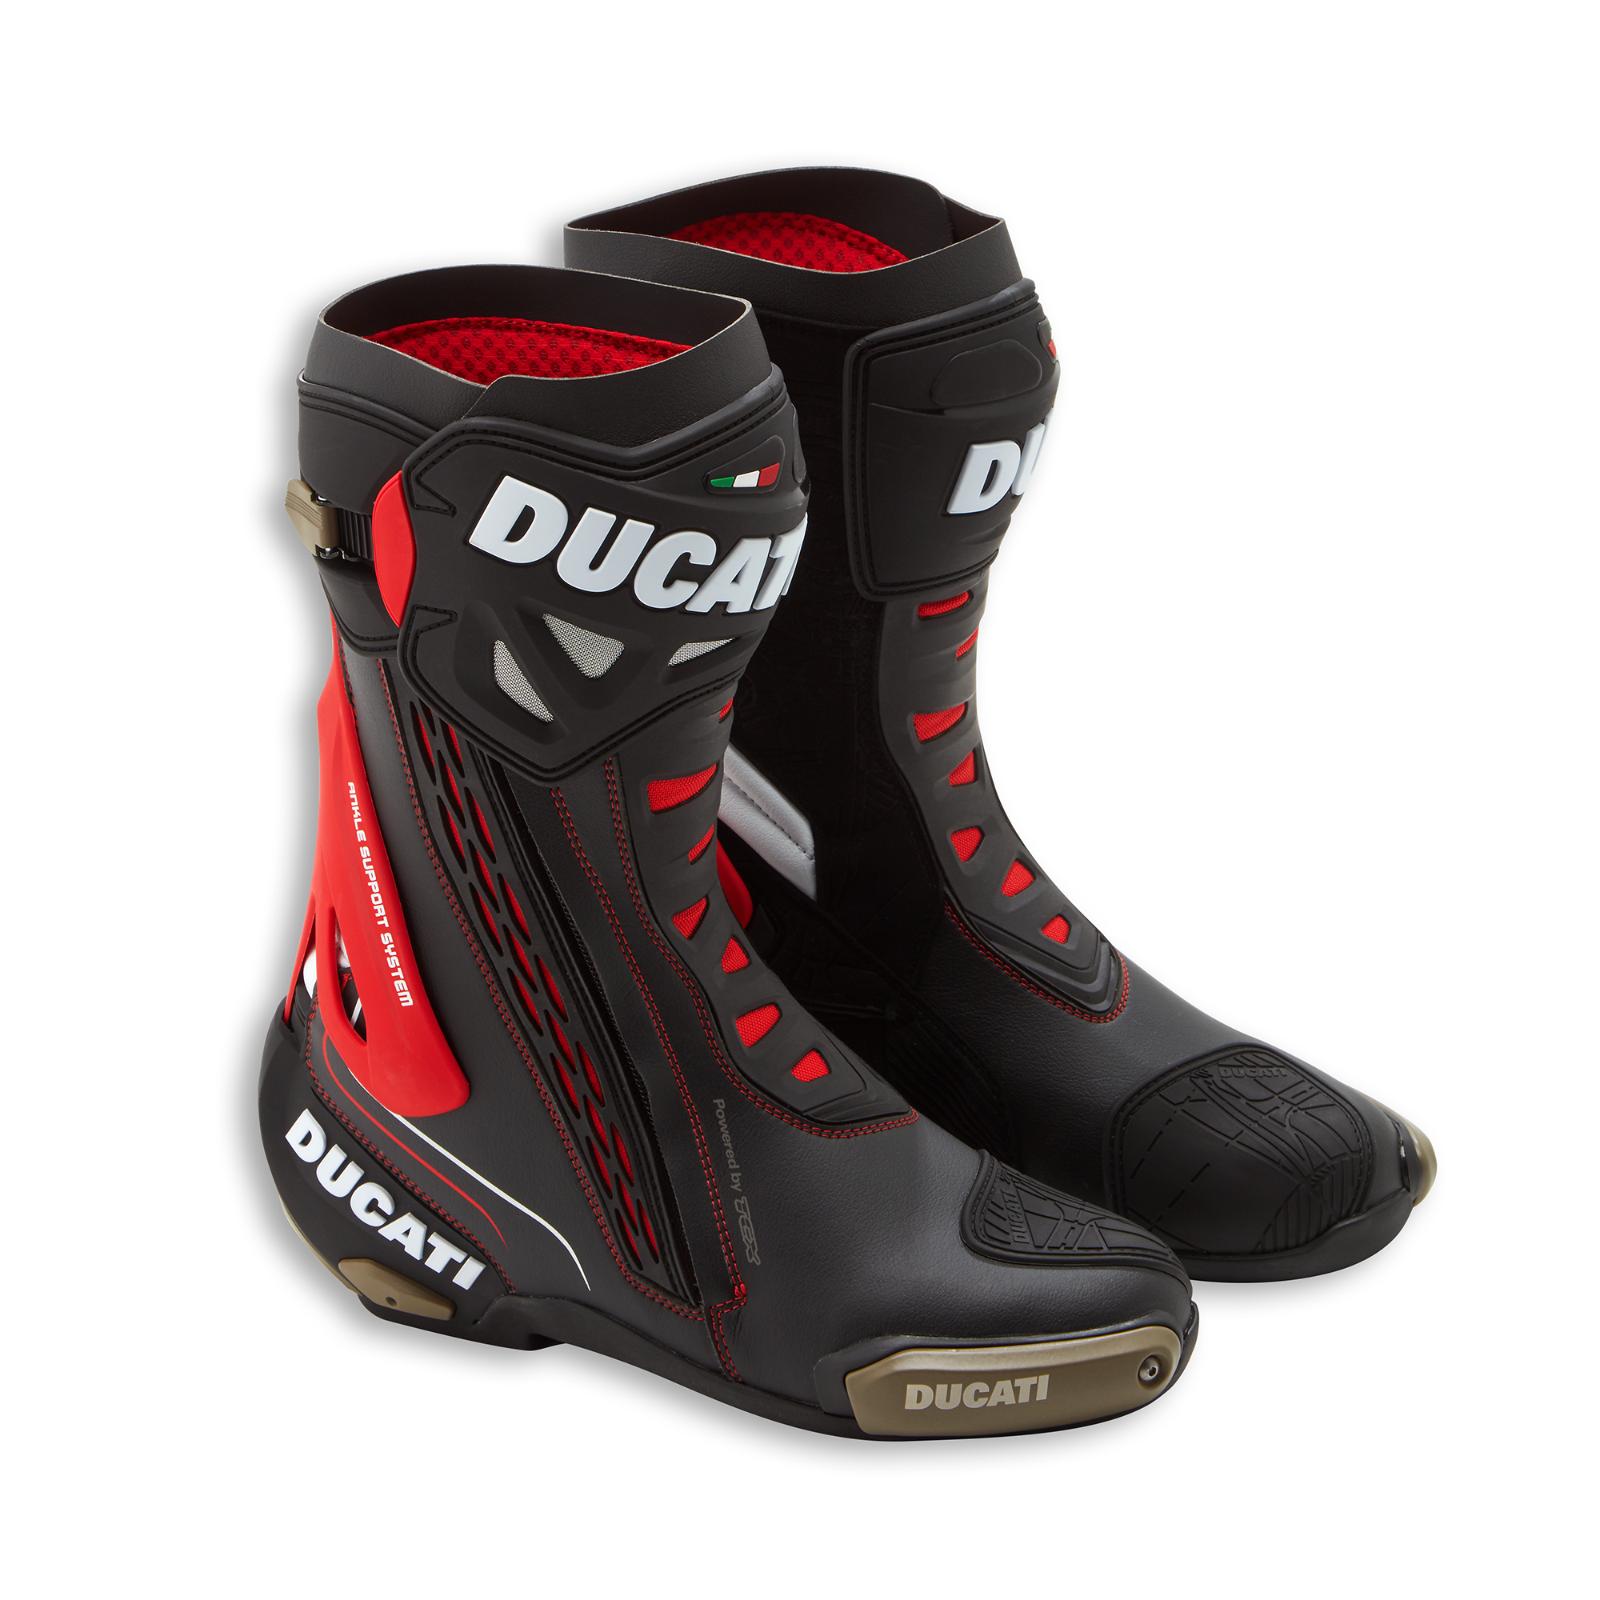 SALE Ducati Corse C3 Racing-Stiefel   Stiefel   Motorradstiefel 98104174